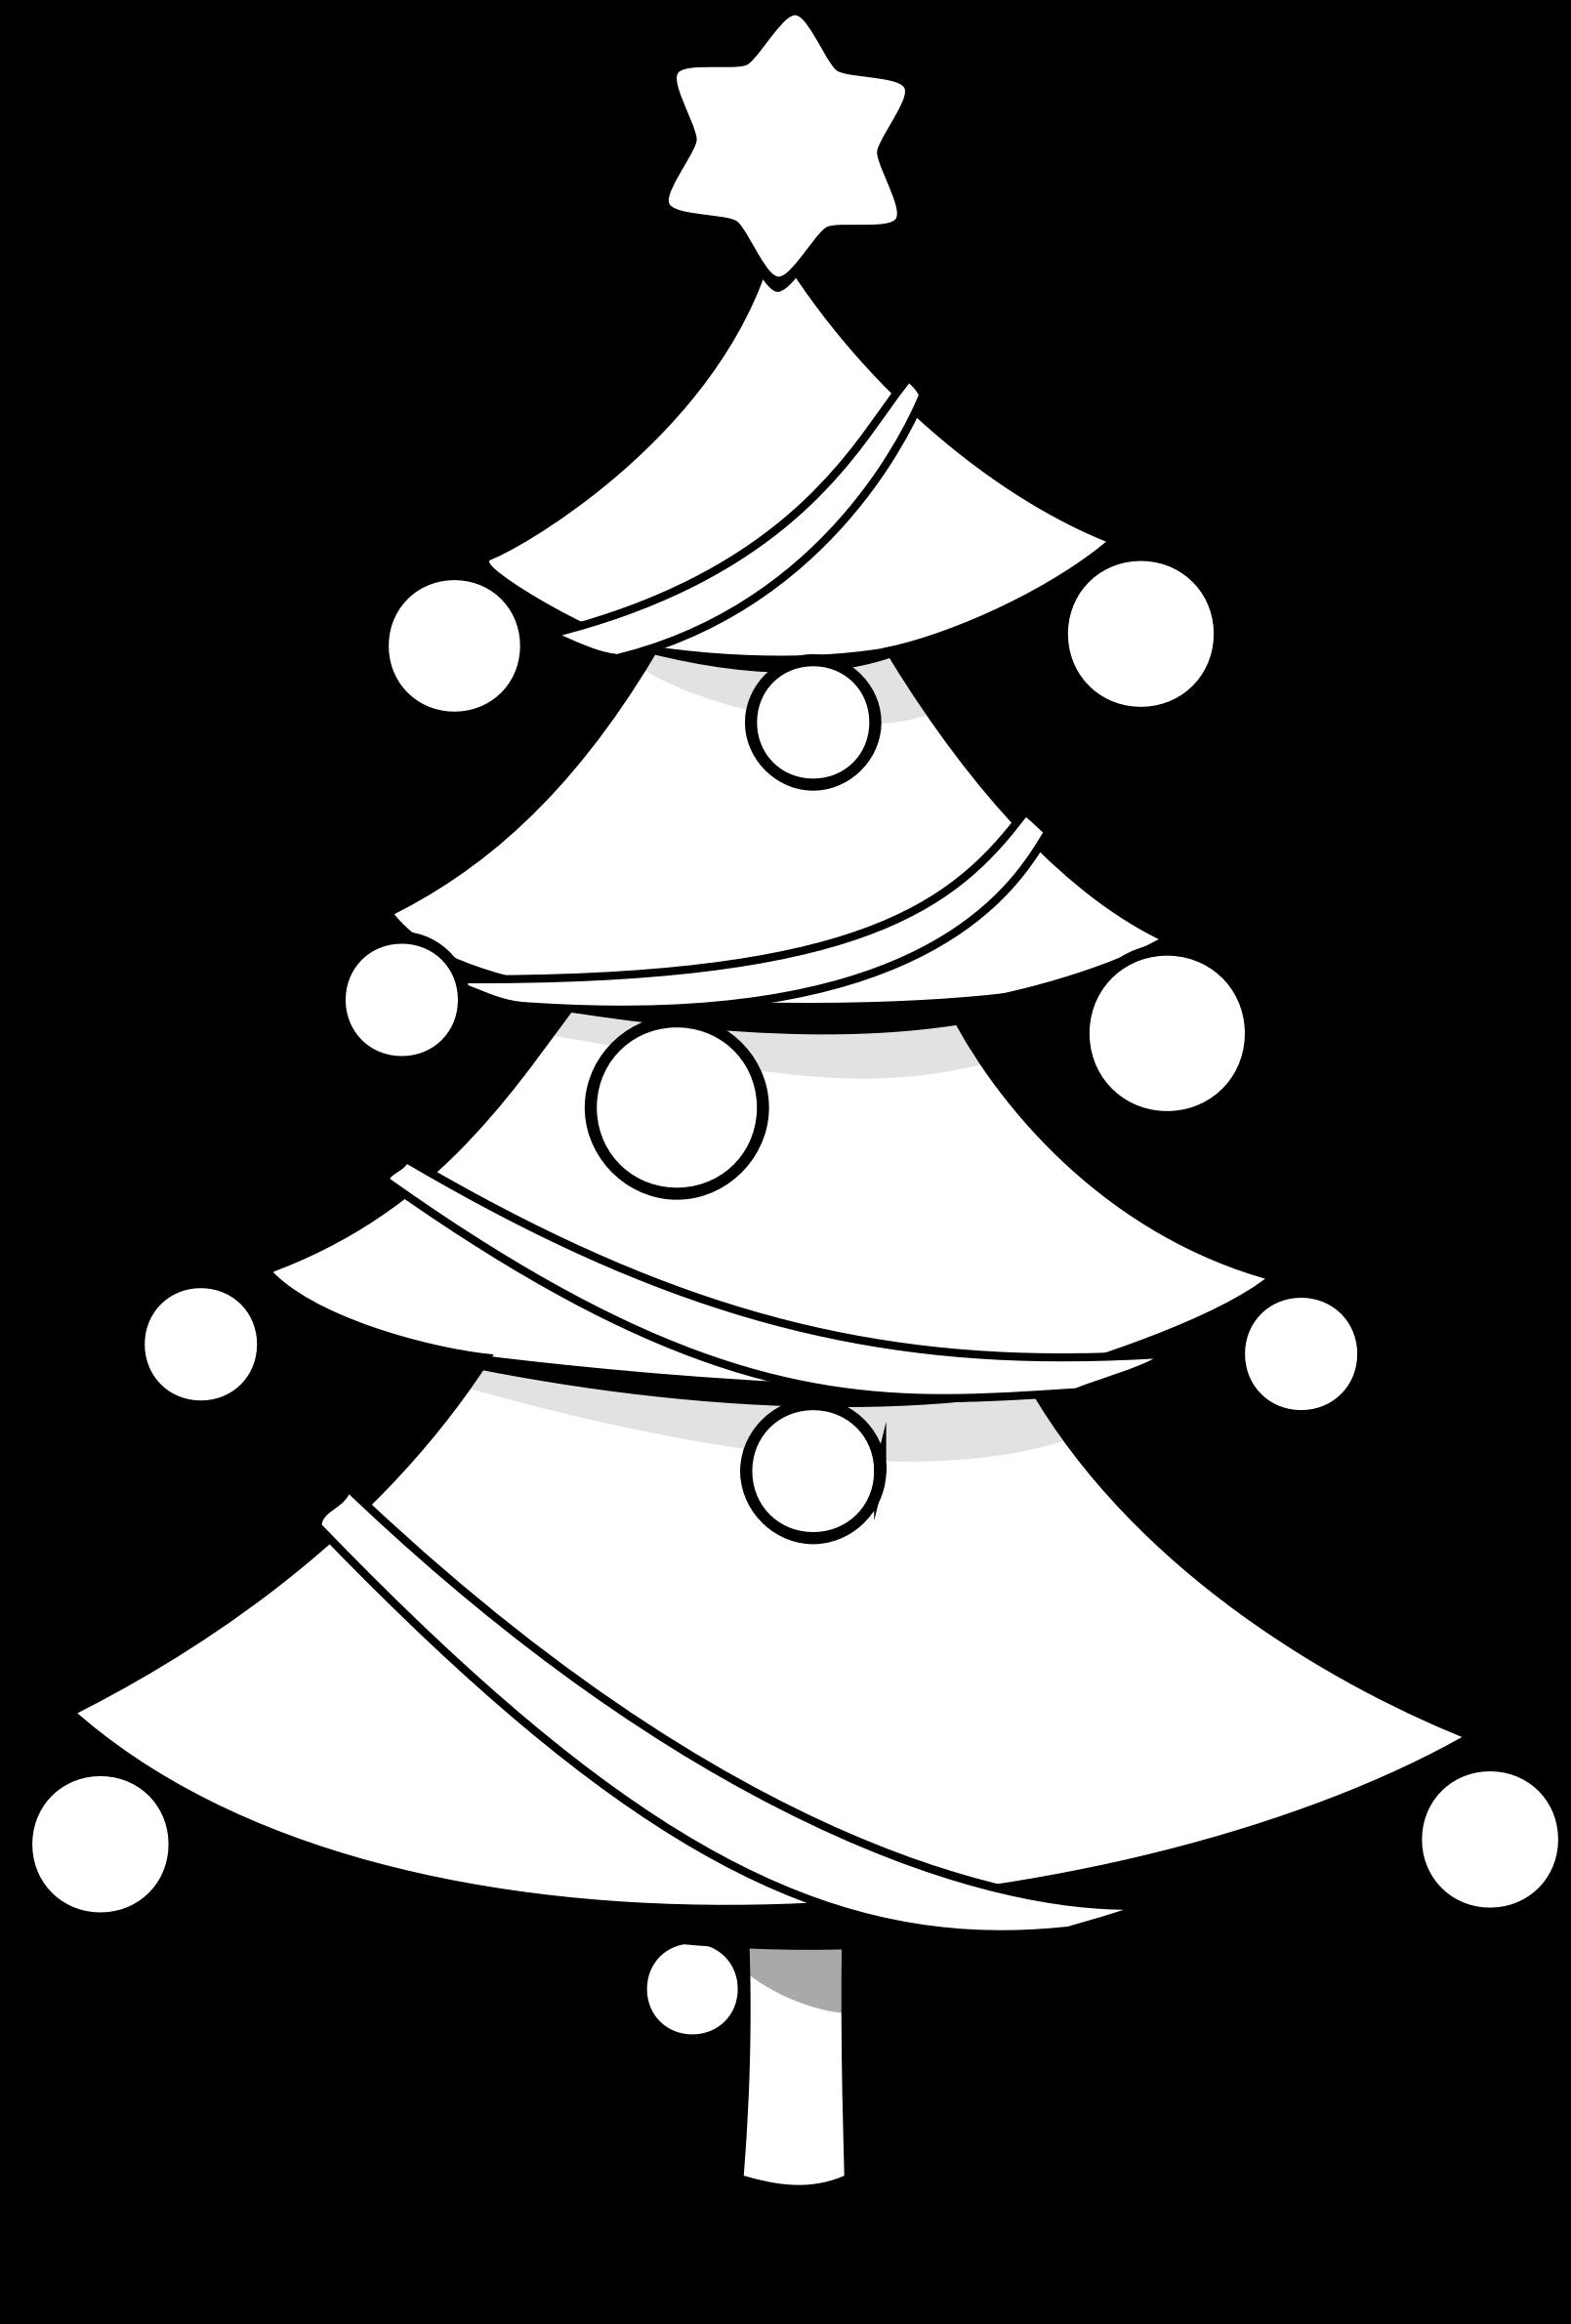 Husky clipart christmas. Tree coloring page big